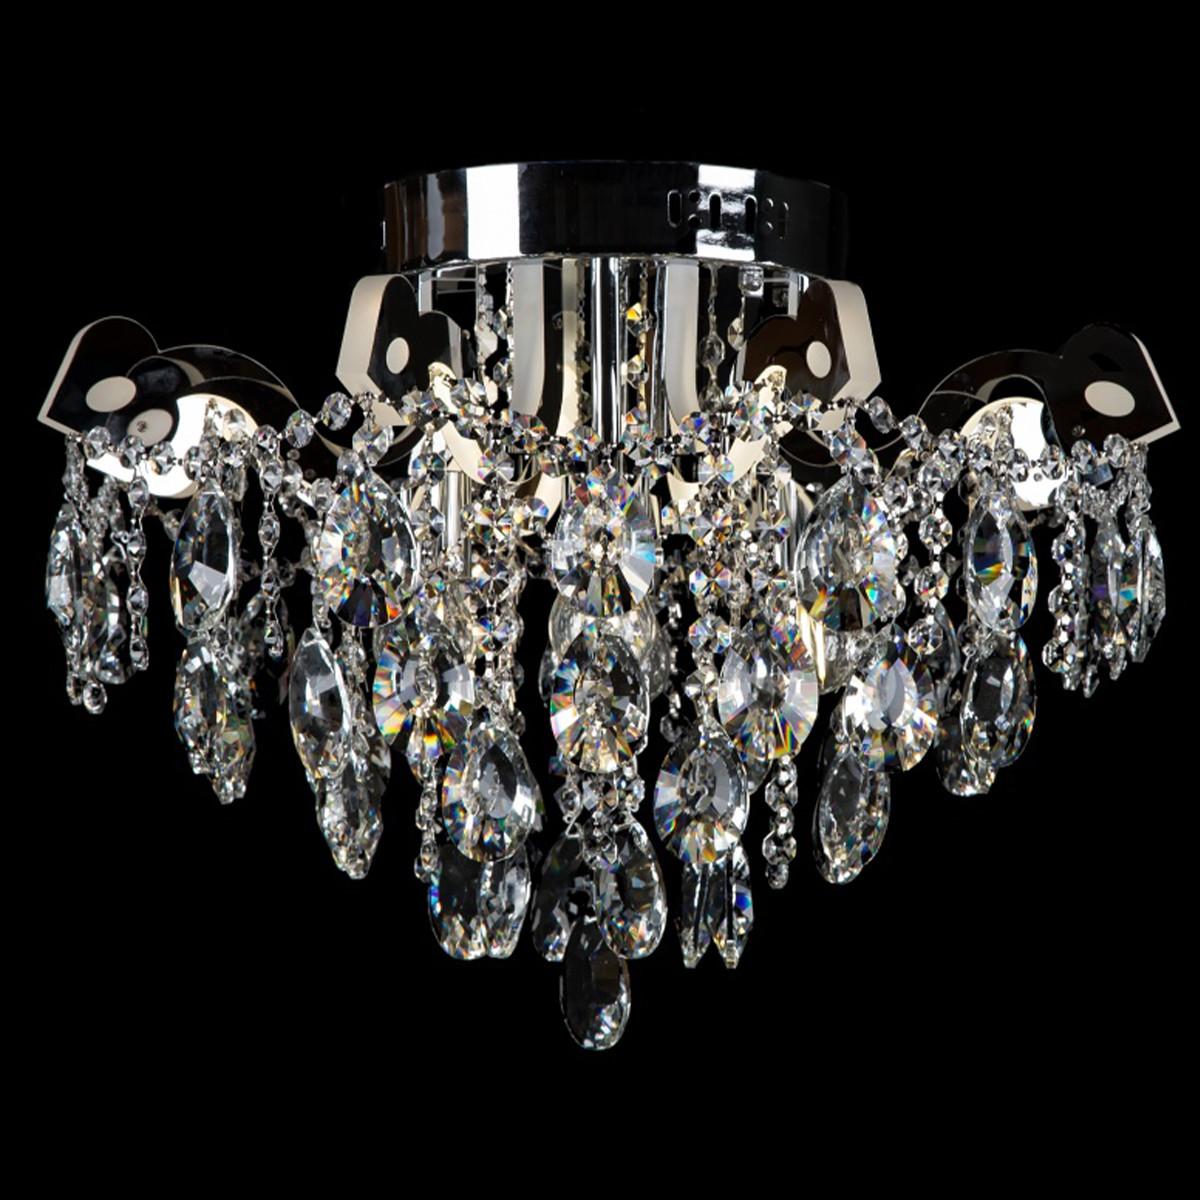 Хрустальная люстра СветМира на 4 лампочки со встроенной LED подсветкой рожков VL-2877/4+8 LED